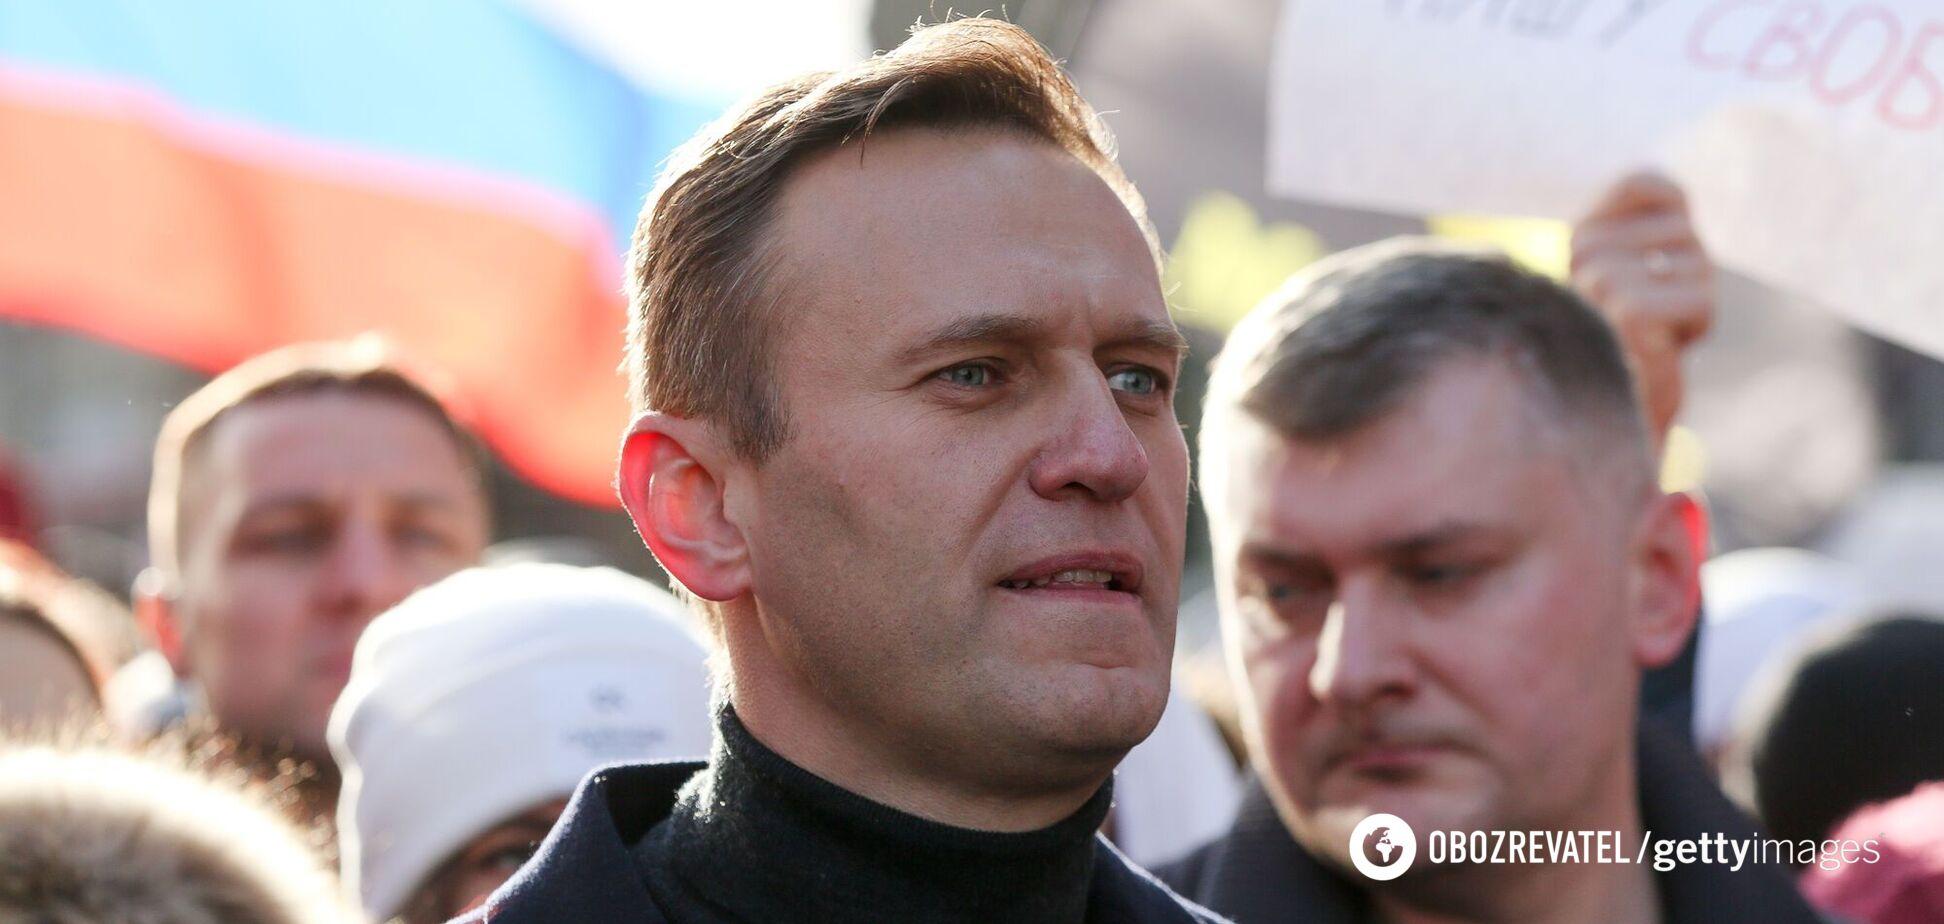 Российский оппозиционер Алексей Навальный начал голодовку